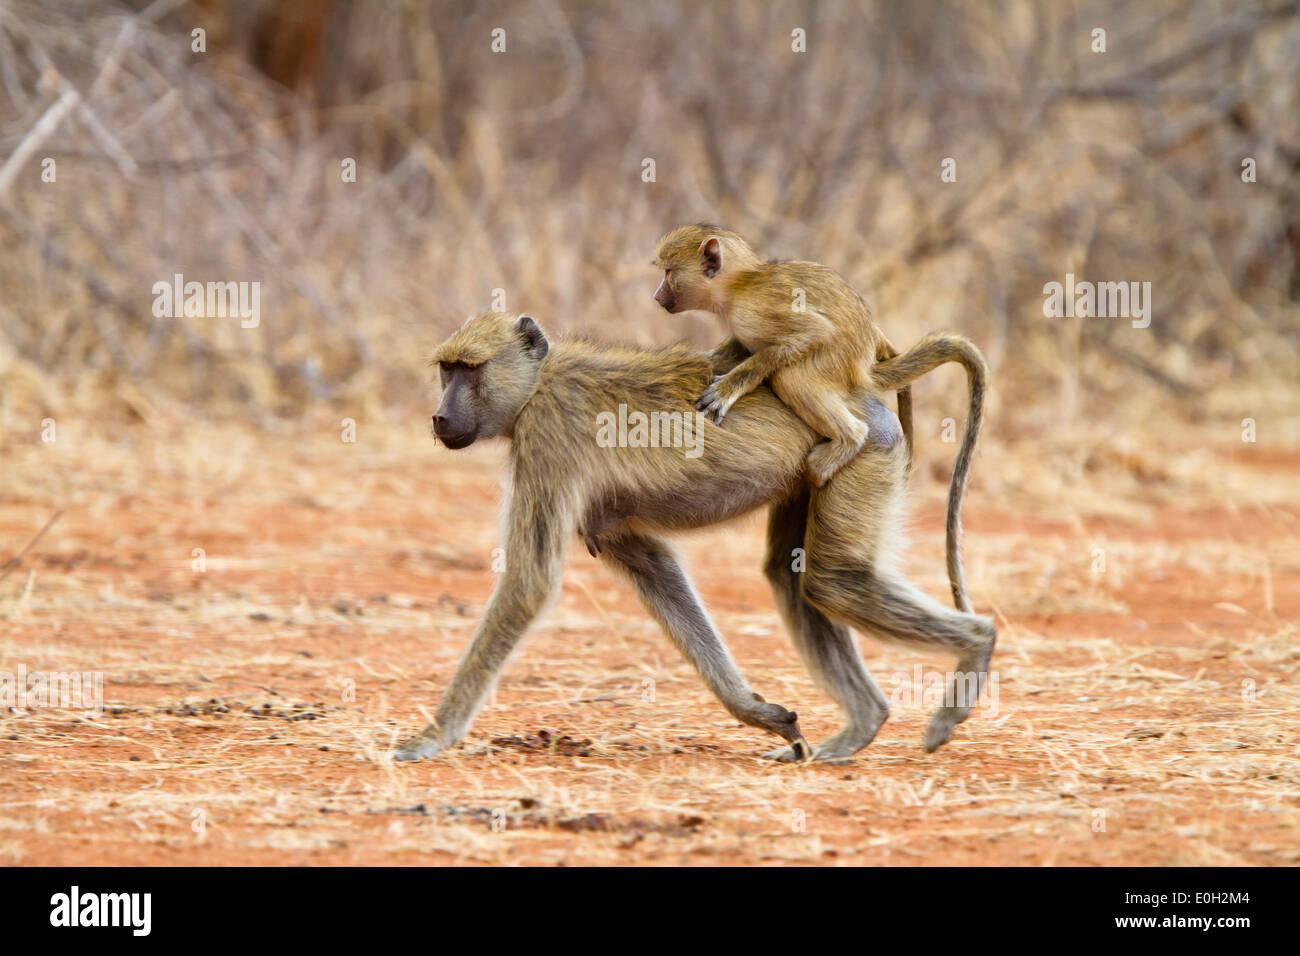 Babouin jaune avec bébé, Papio cynocephalus, lac Tanganjika, le Ruaha National Park, la Tanzanie, l'Afrique de l'Est, l'Afrique Photo Stock